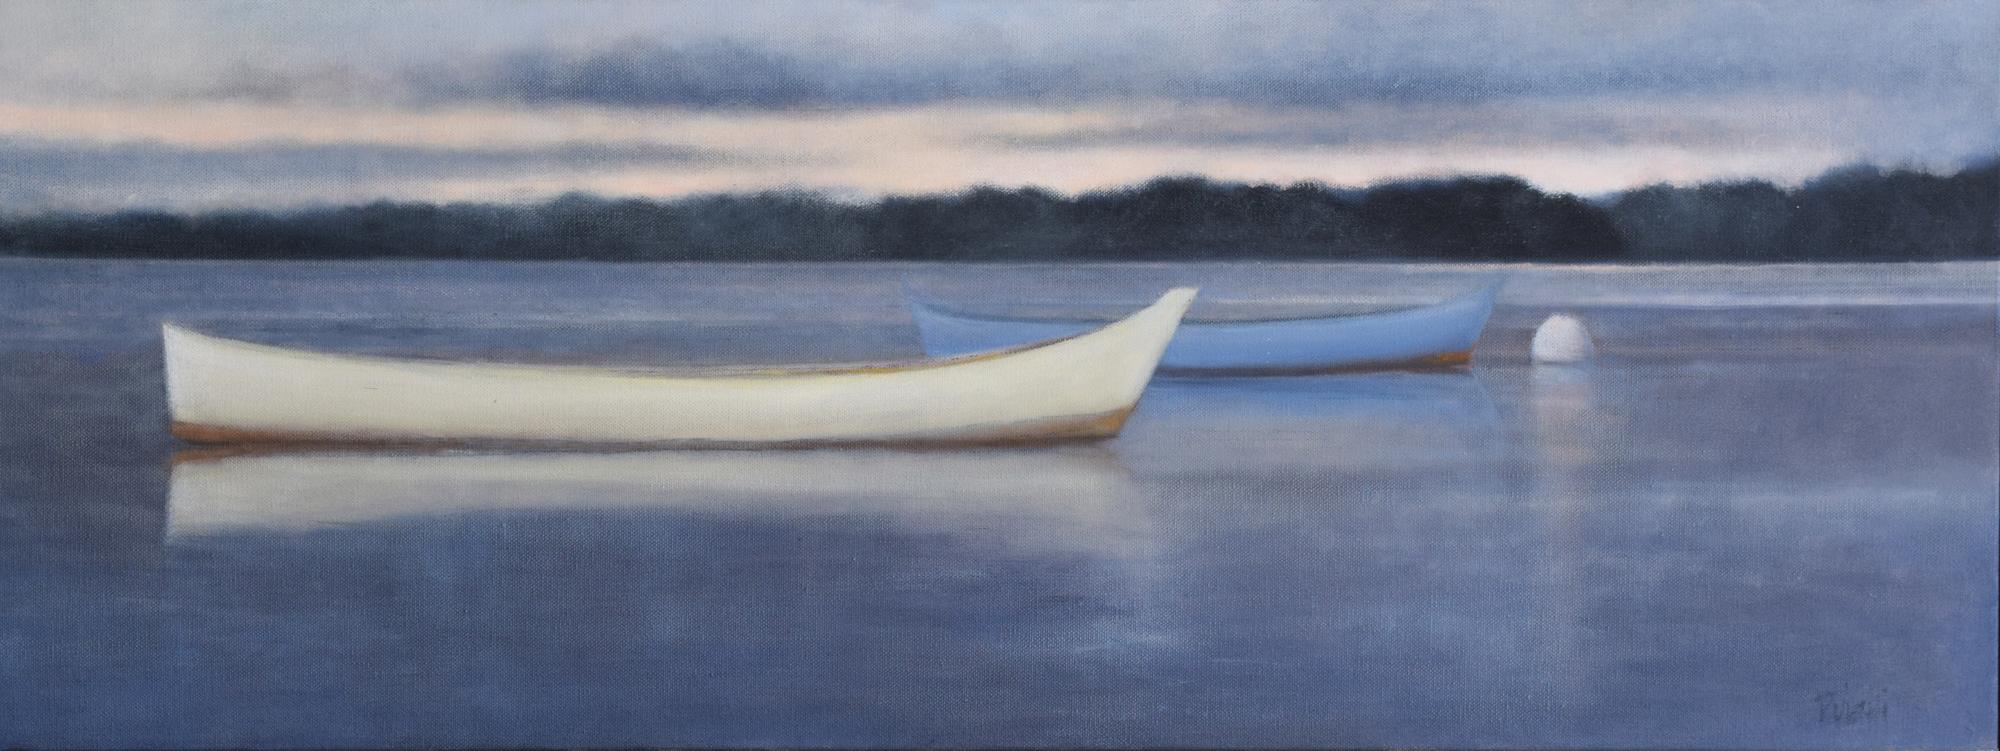 Long Boats, Still Water